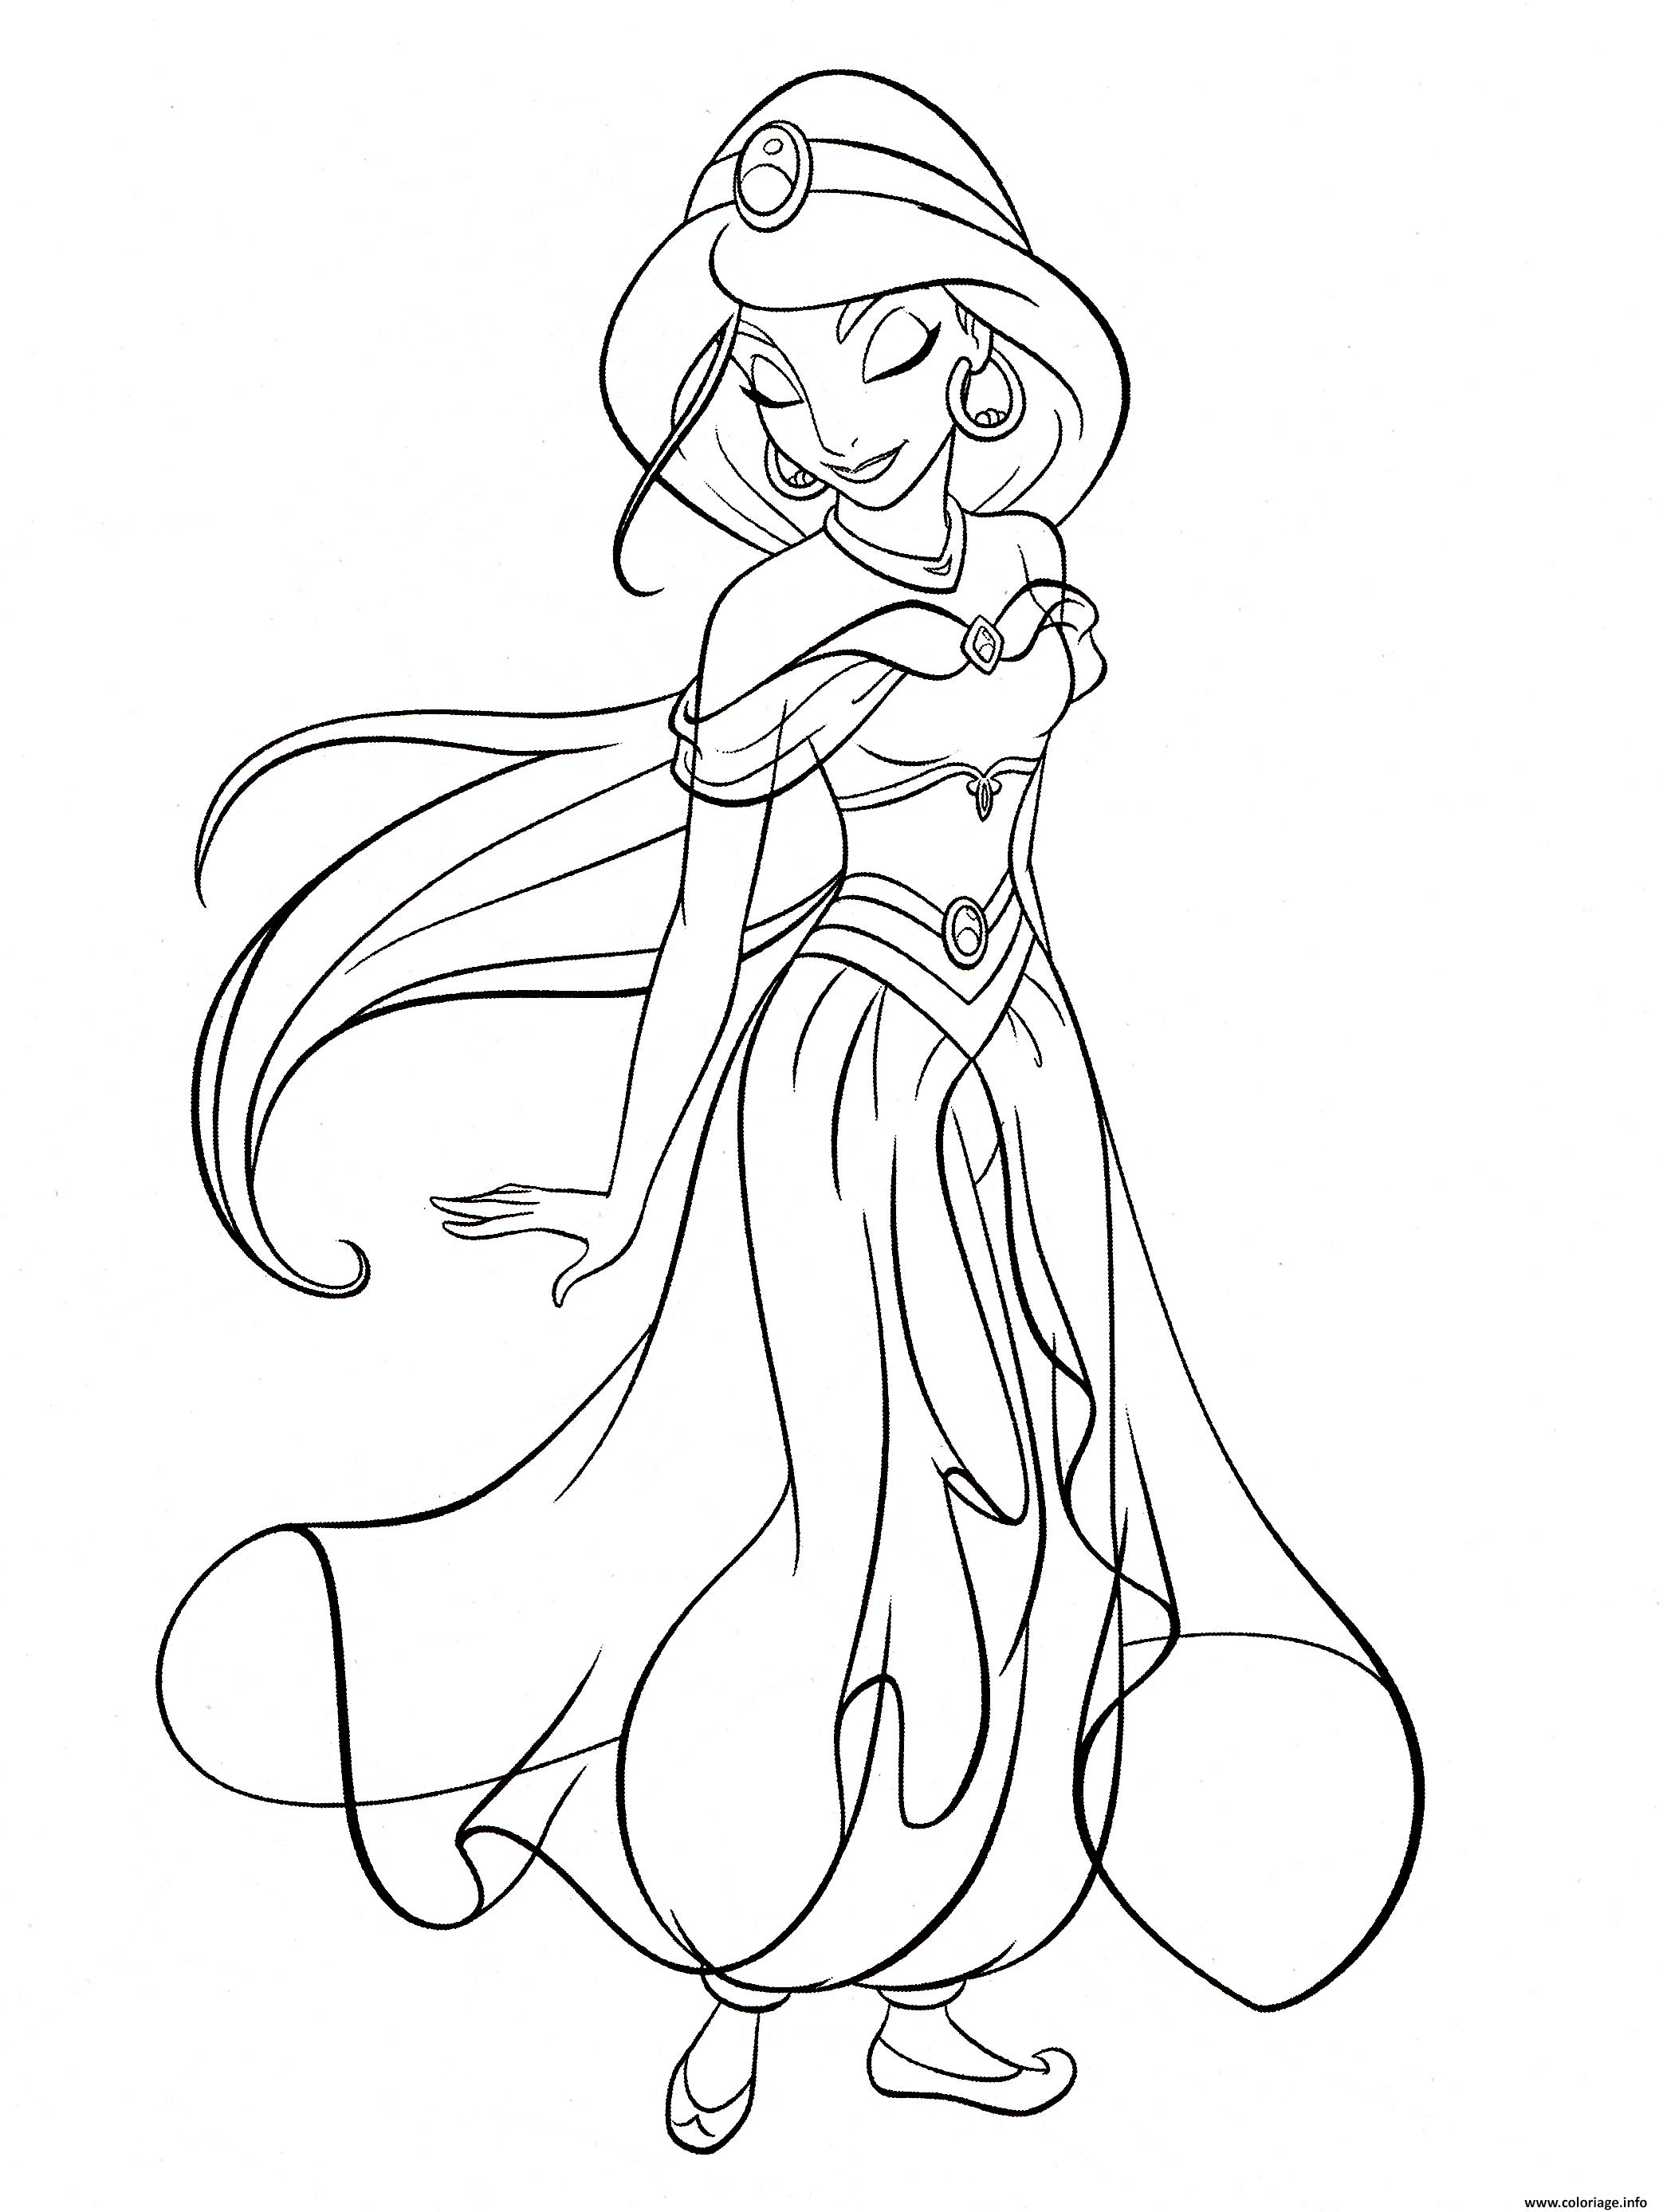 Coloriage Princesse Jasmine Du Film Aladdin Dessin Princesse A Imprimer